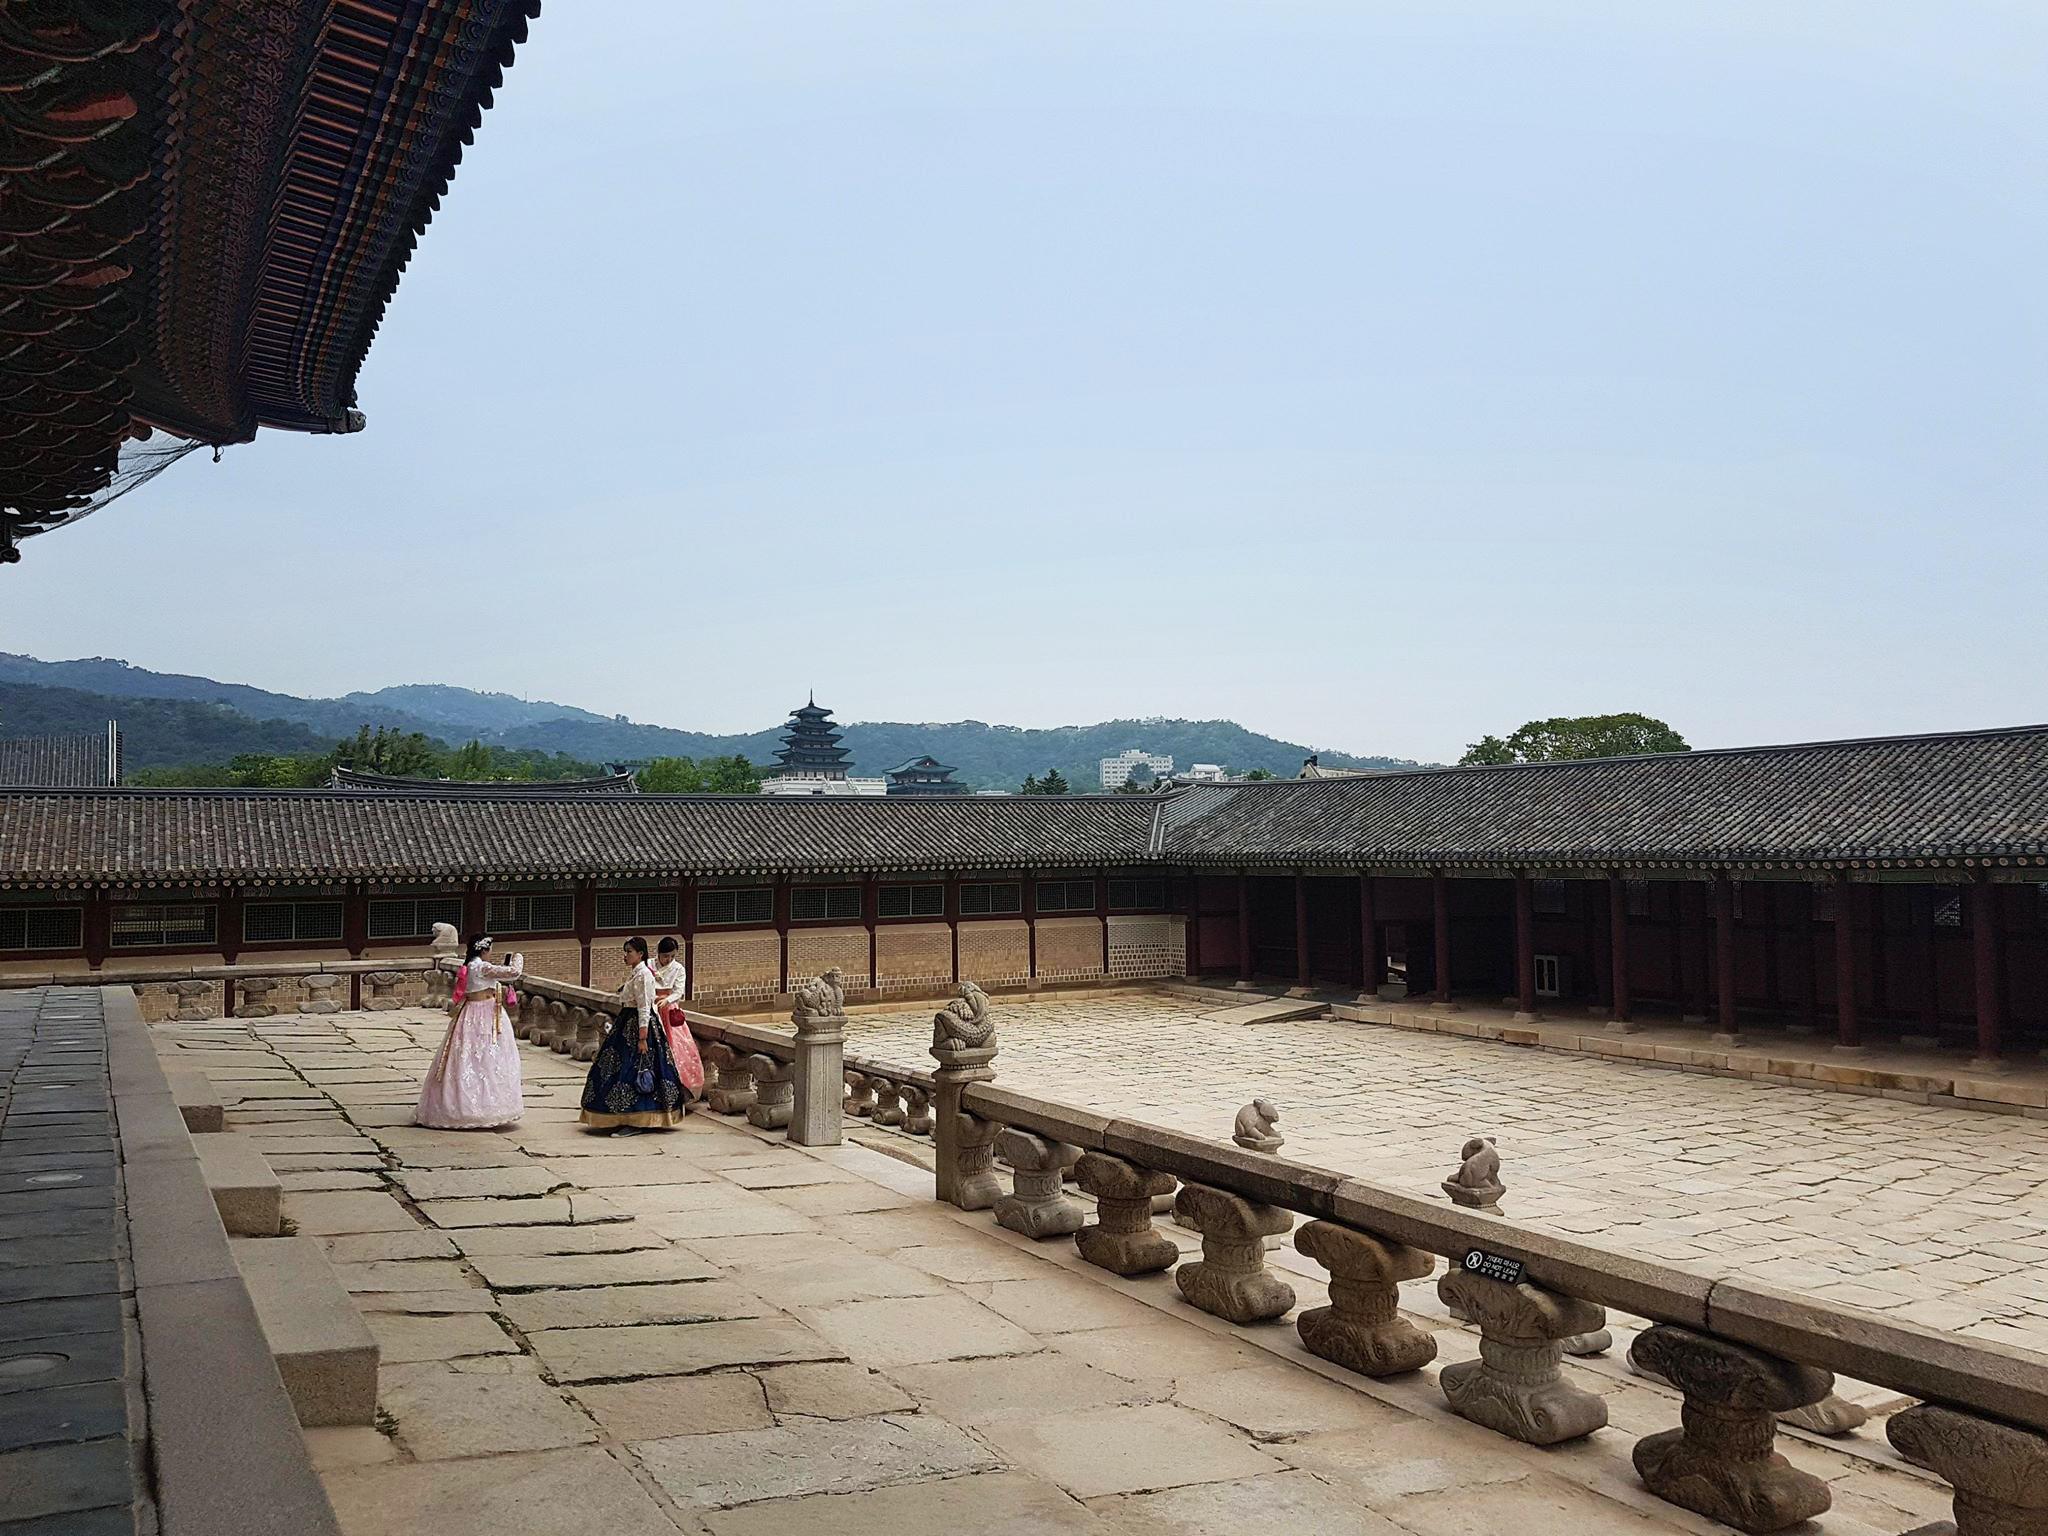 Gyeongbokgung courtyard